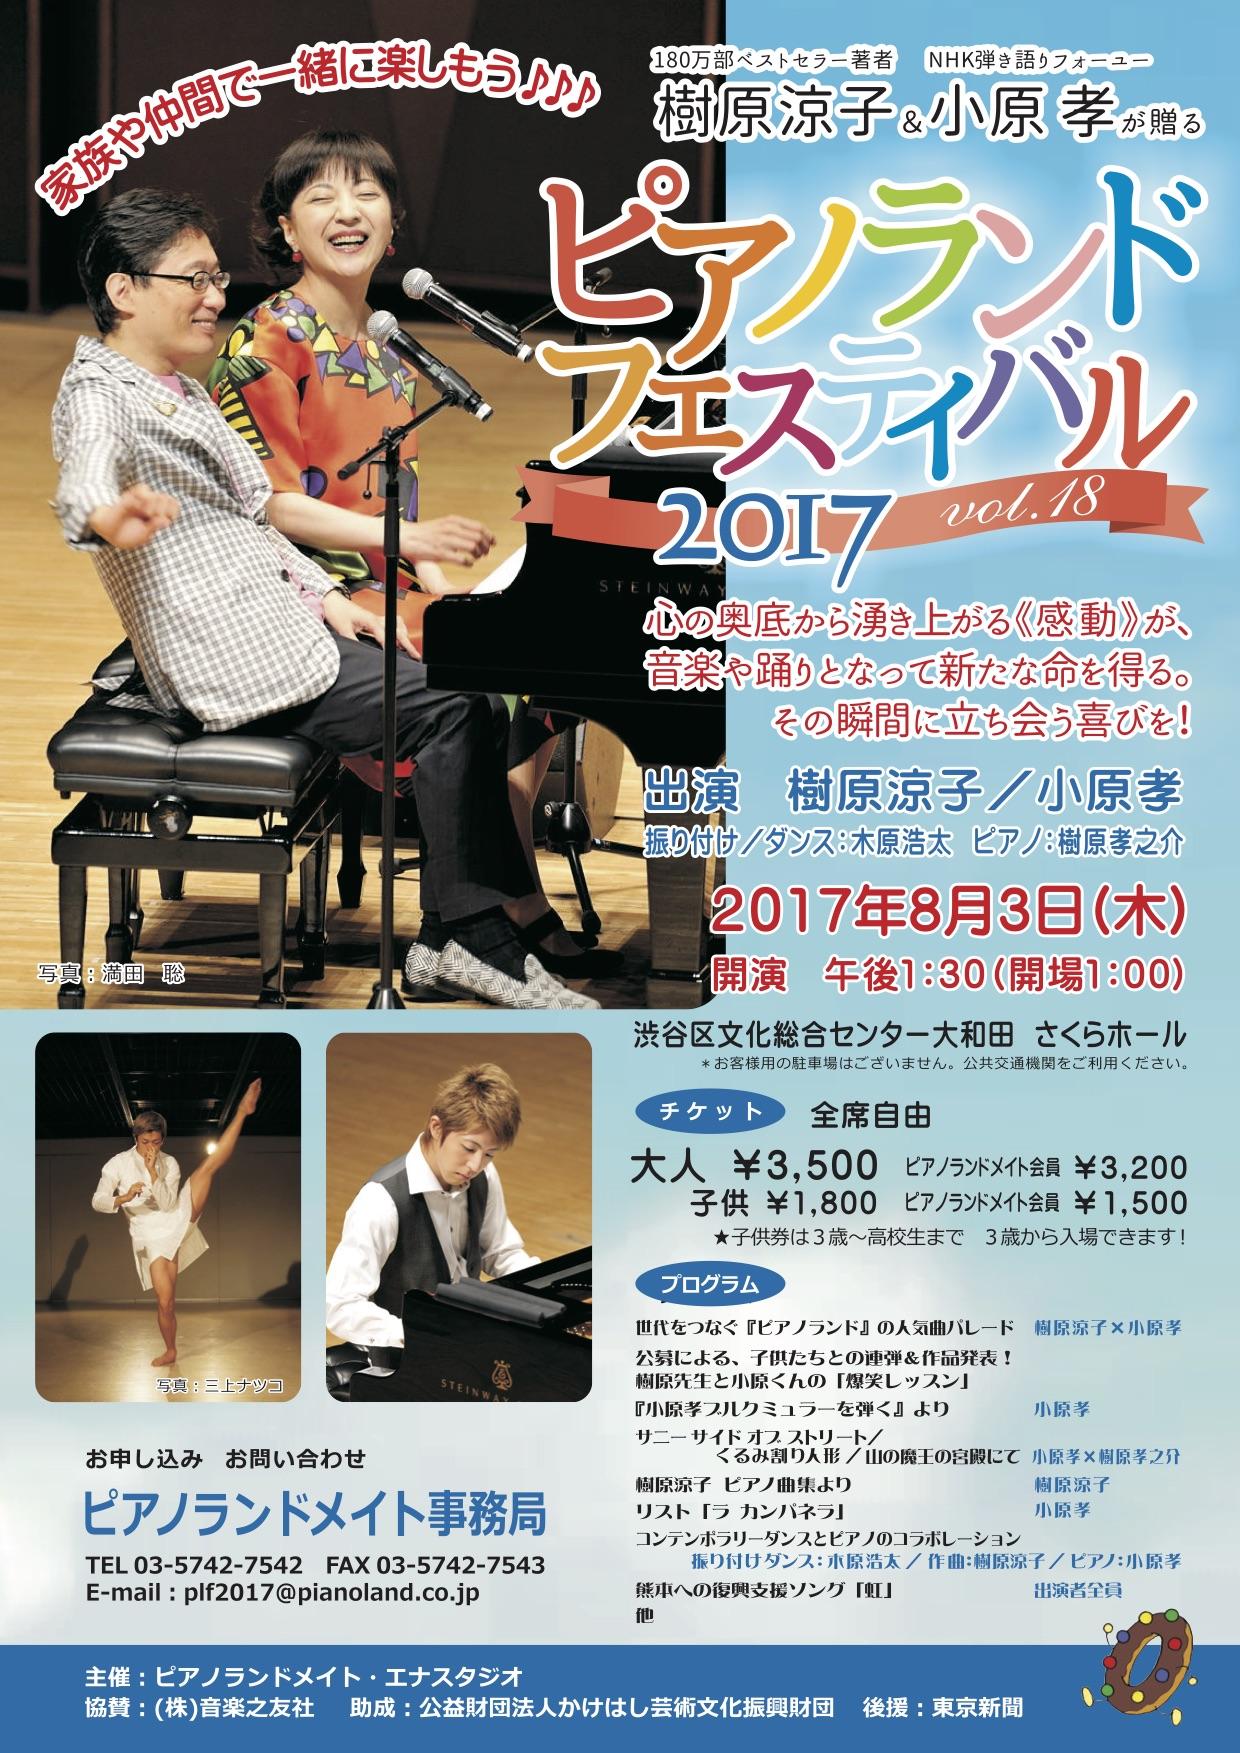 ピアノランドフェスティバル2017